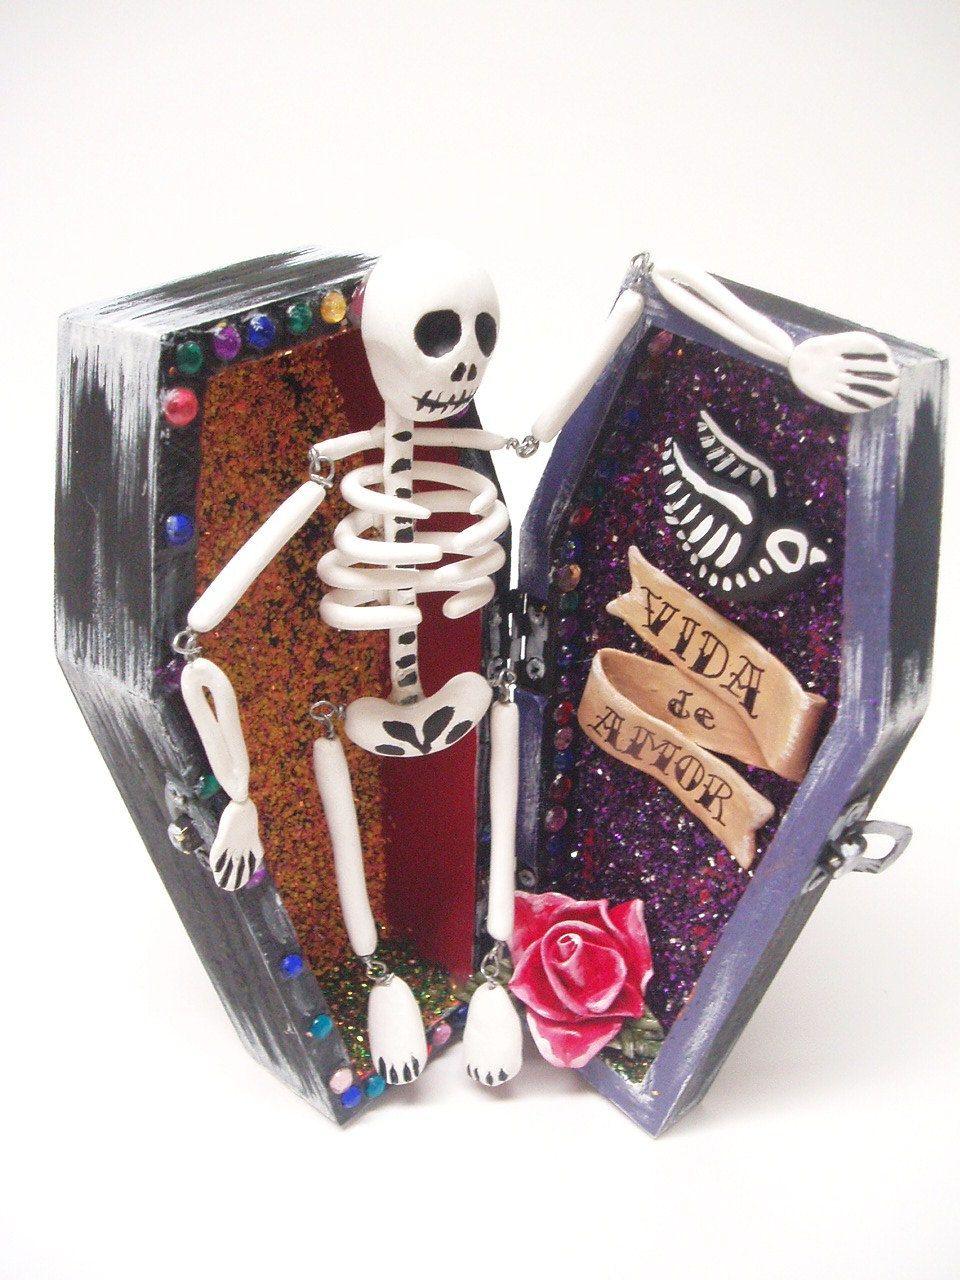 Dia de los Muertos clay figurine Mexican Folk Art - Vida de Amor